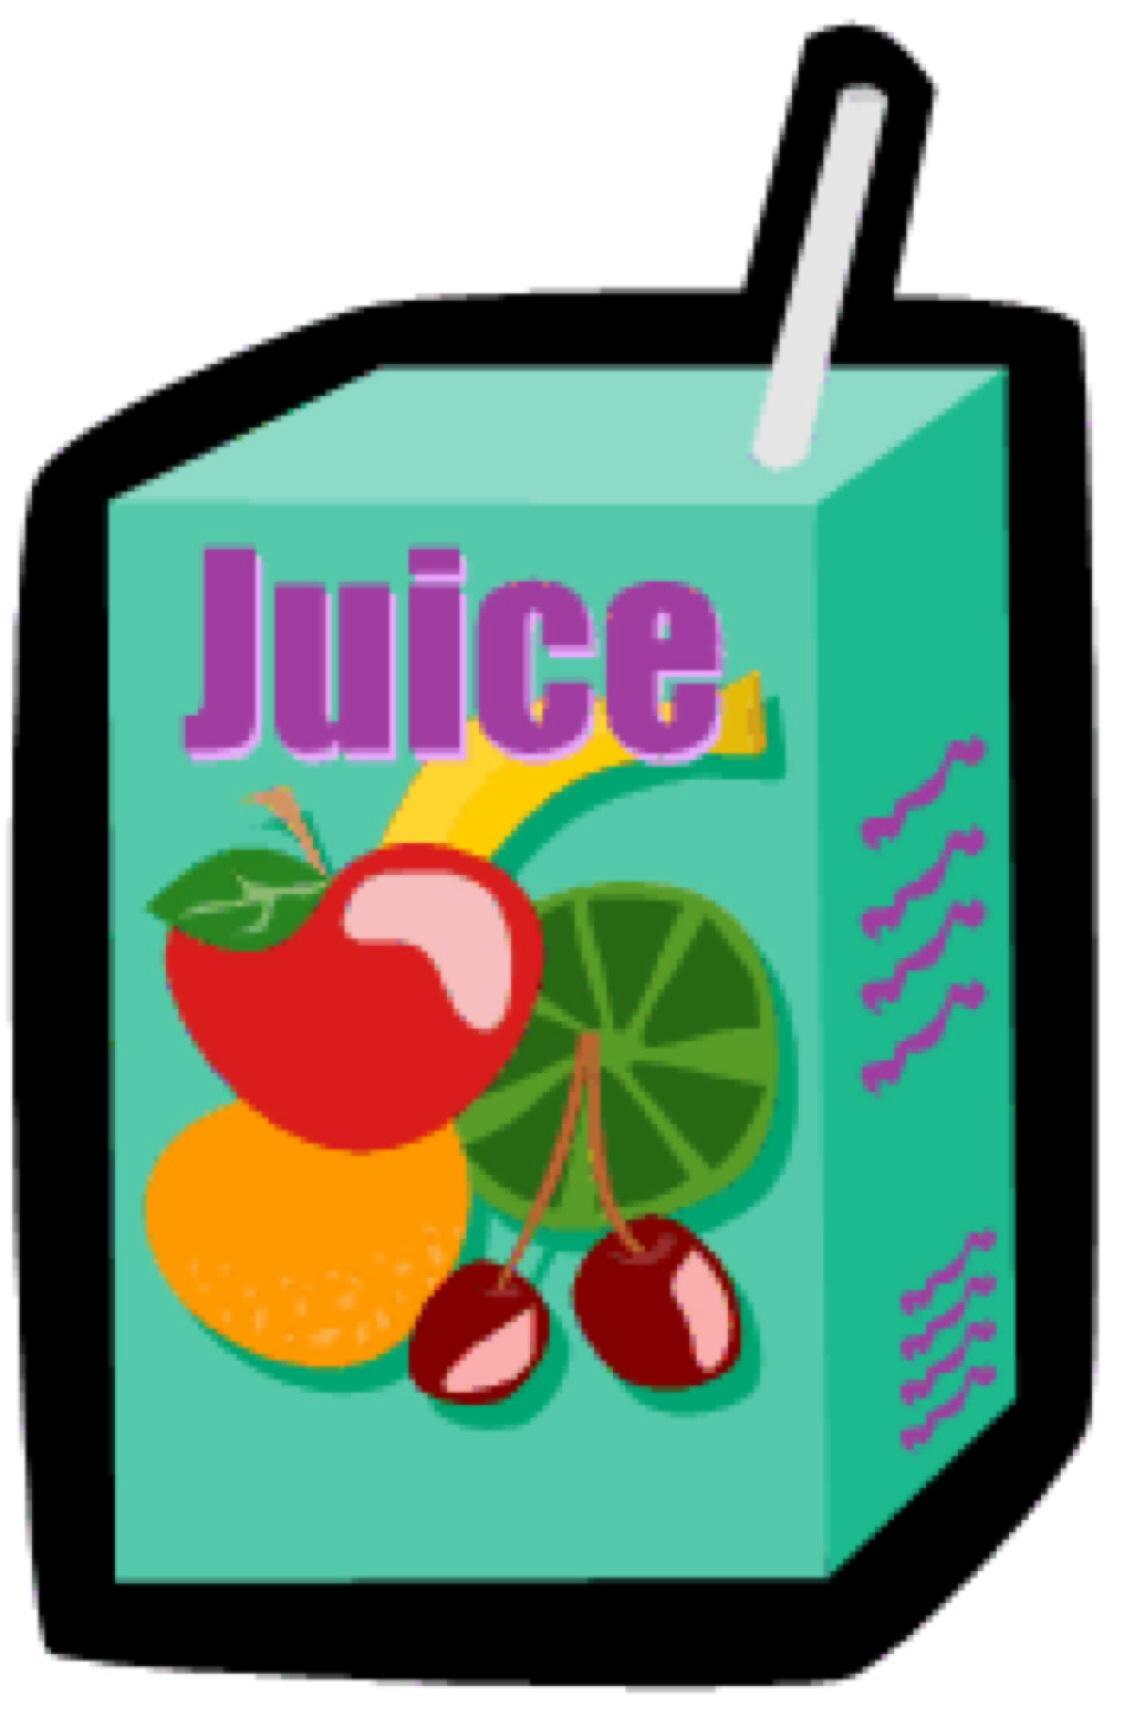 Juice Carton Clip Art 1 Litre - ClipArt Best